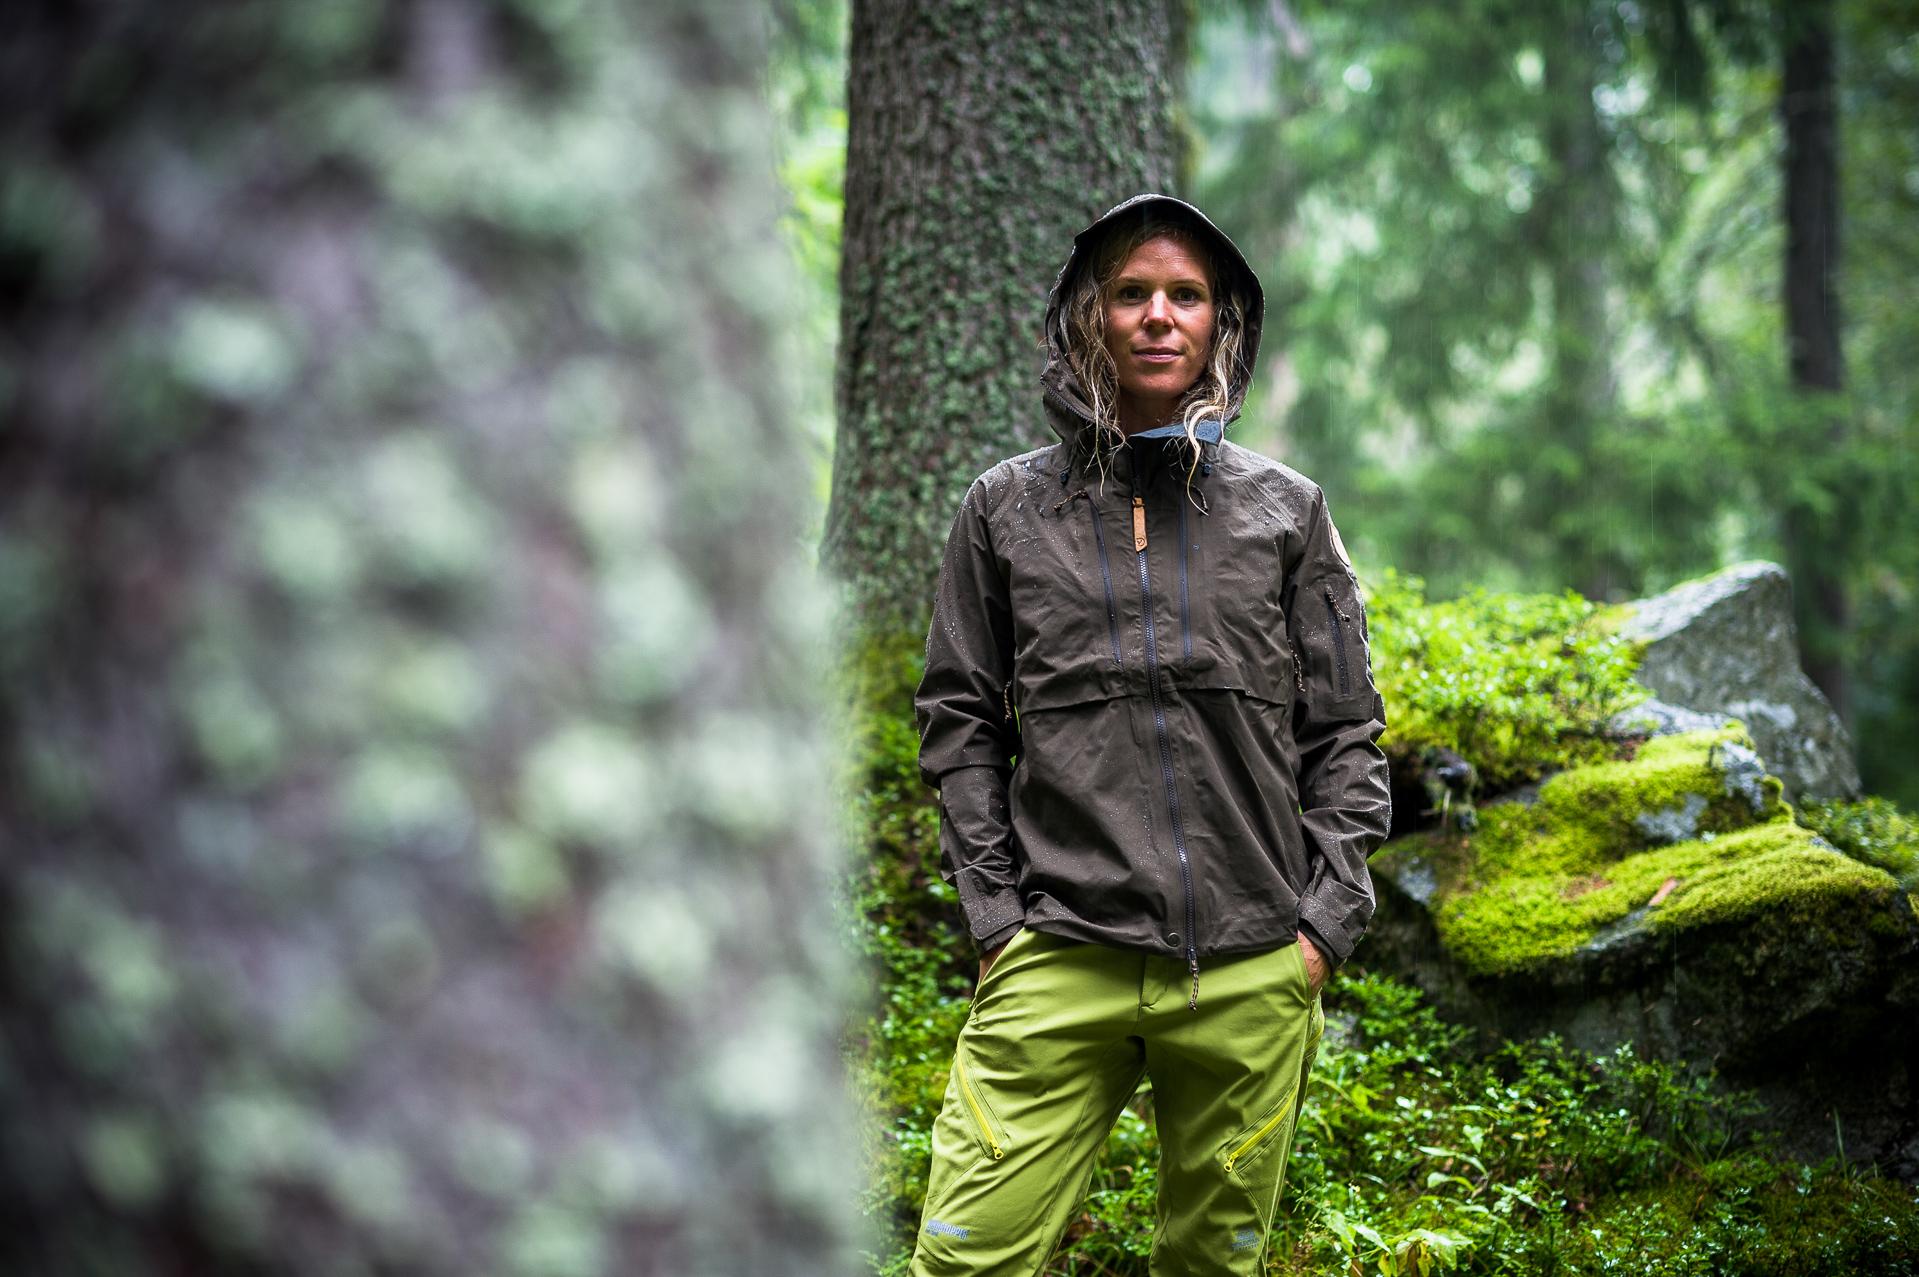 verkauft 100% Qualitätsgarantie heißester Verkauf Fjällräven Keb Eco-Shell Jacke Review - Explore Ma...